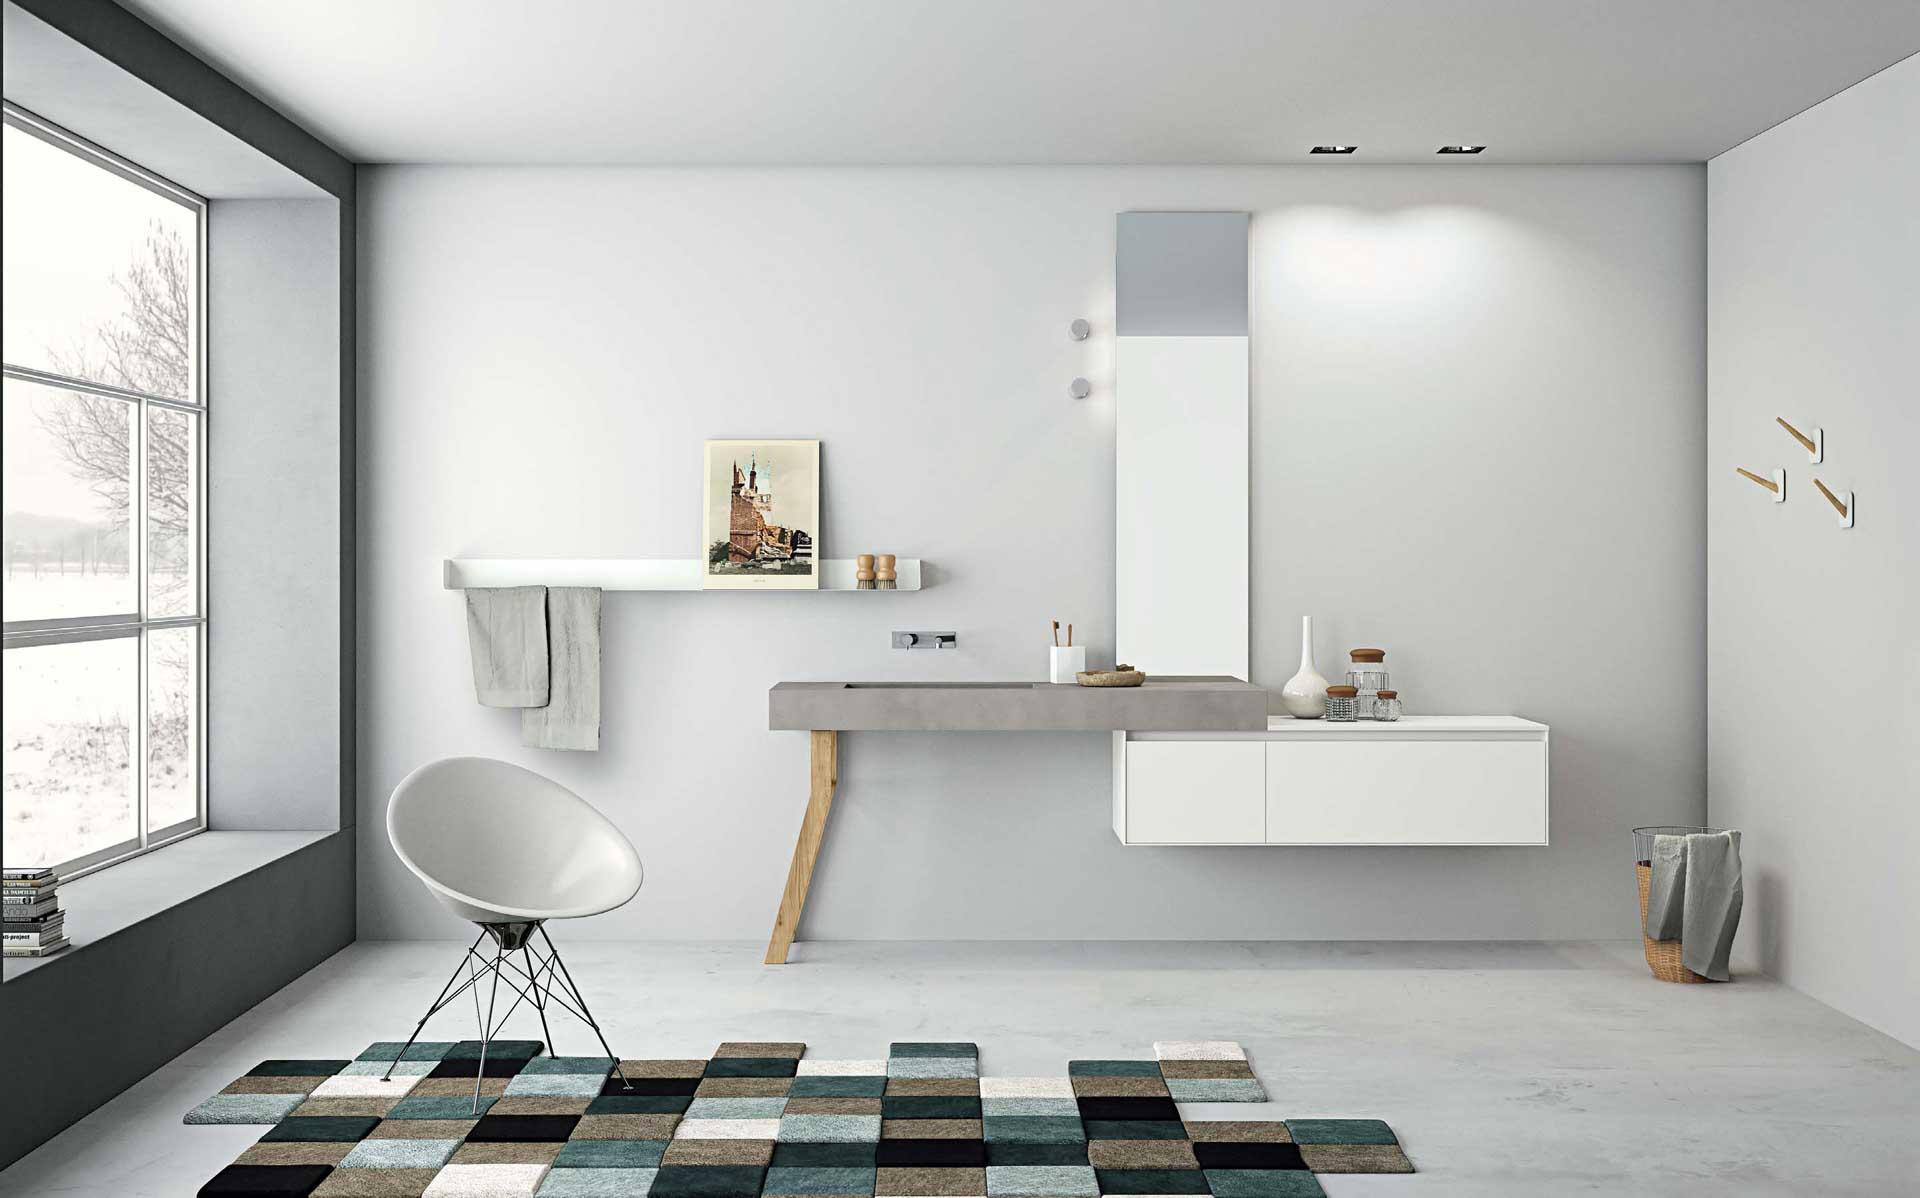 Mobili per il bagno orsolini e altamarea - Mobiletto bagno ...